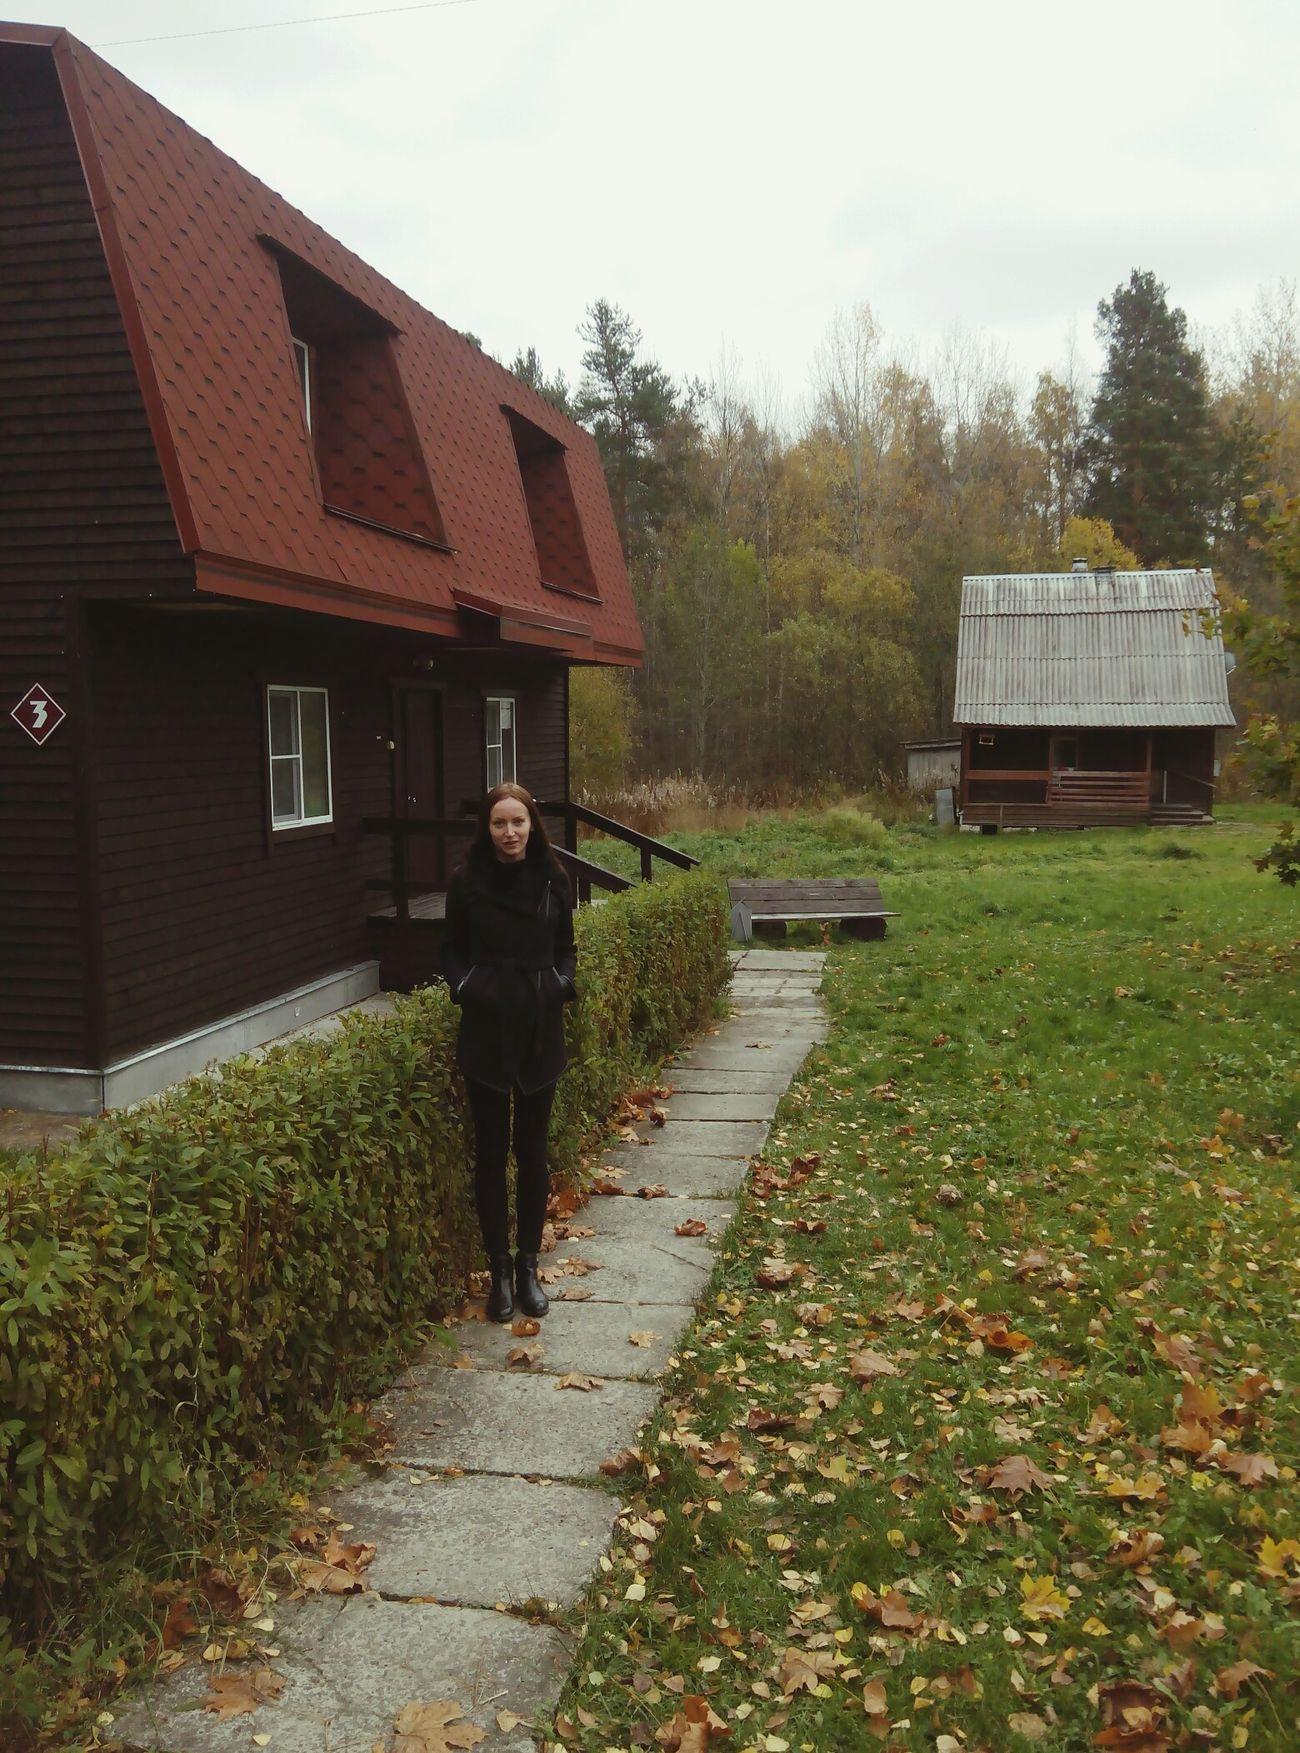 осень прекрасна 🌾🍂🍃 домиквдеревне